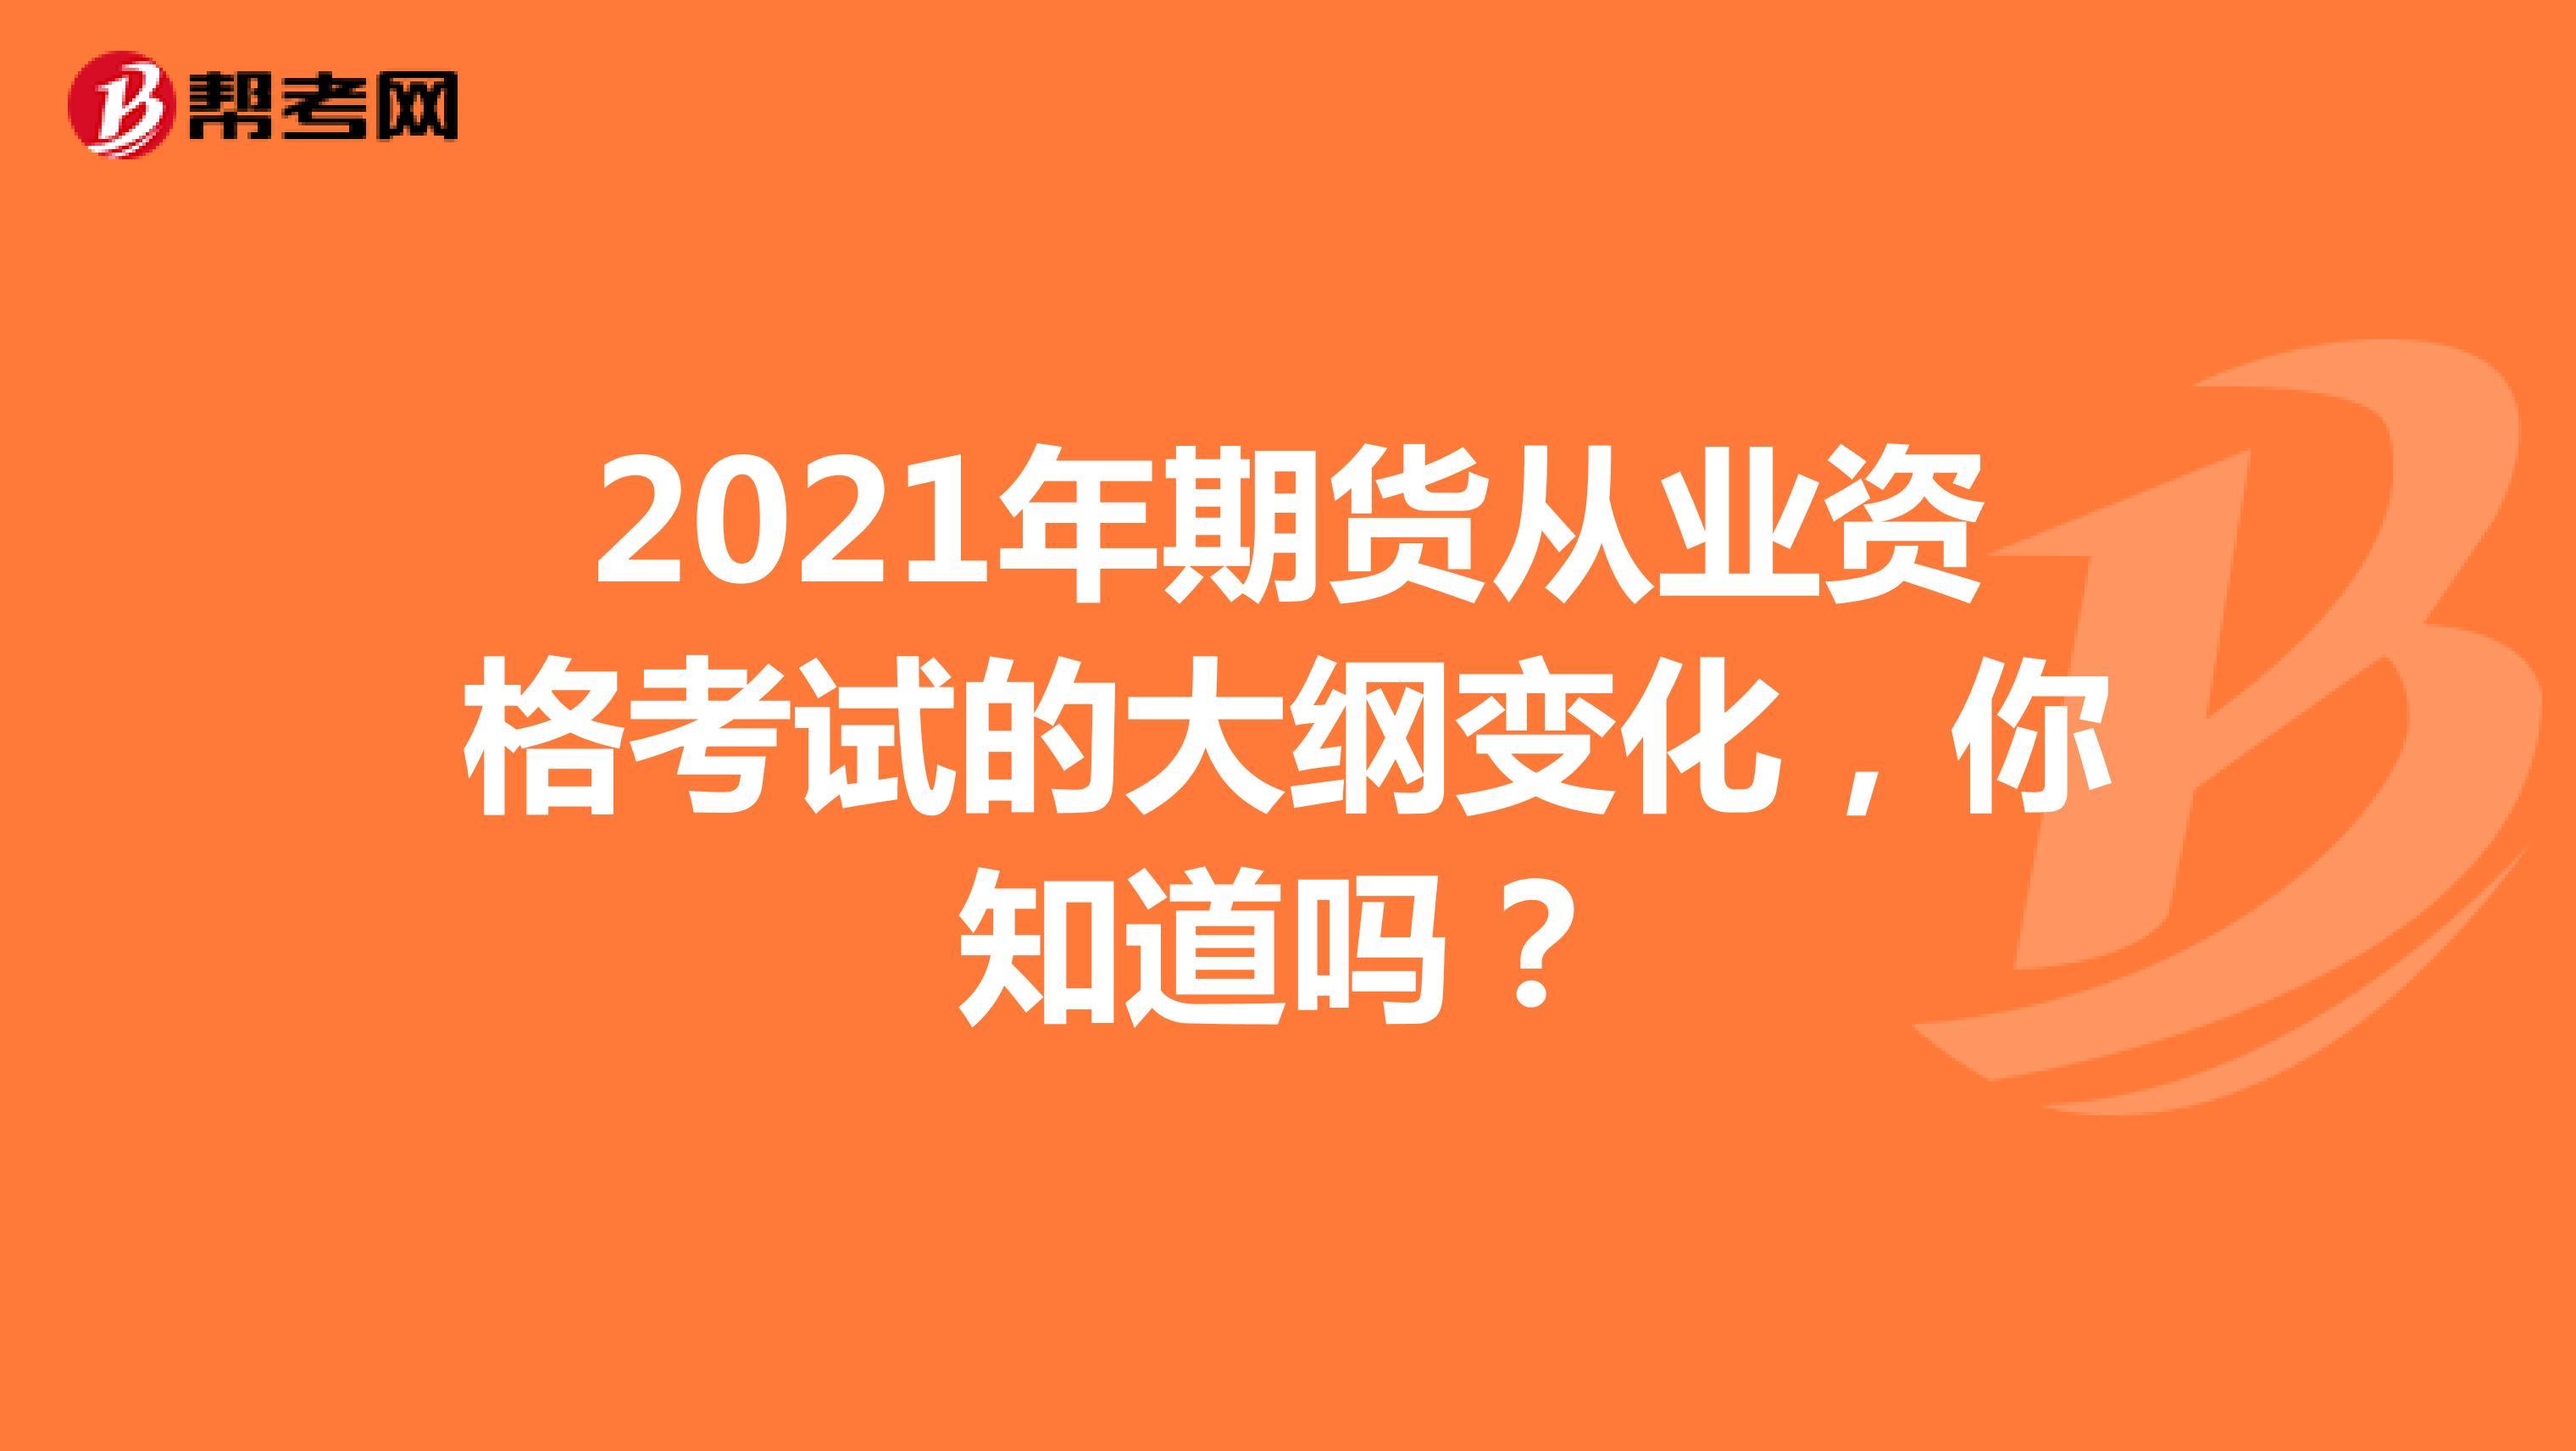 2021年热竞技吧:期货从业资格考试的大纲变化,你知道吗?